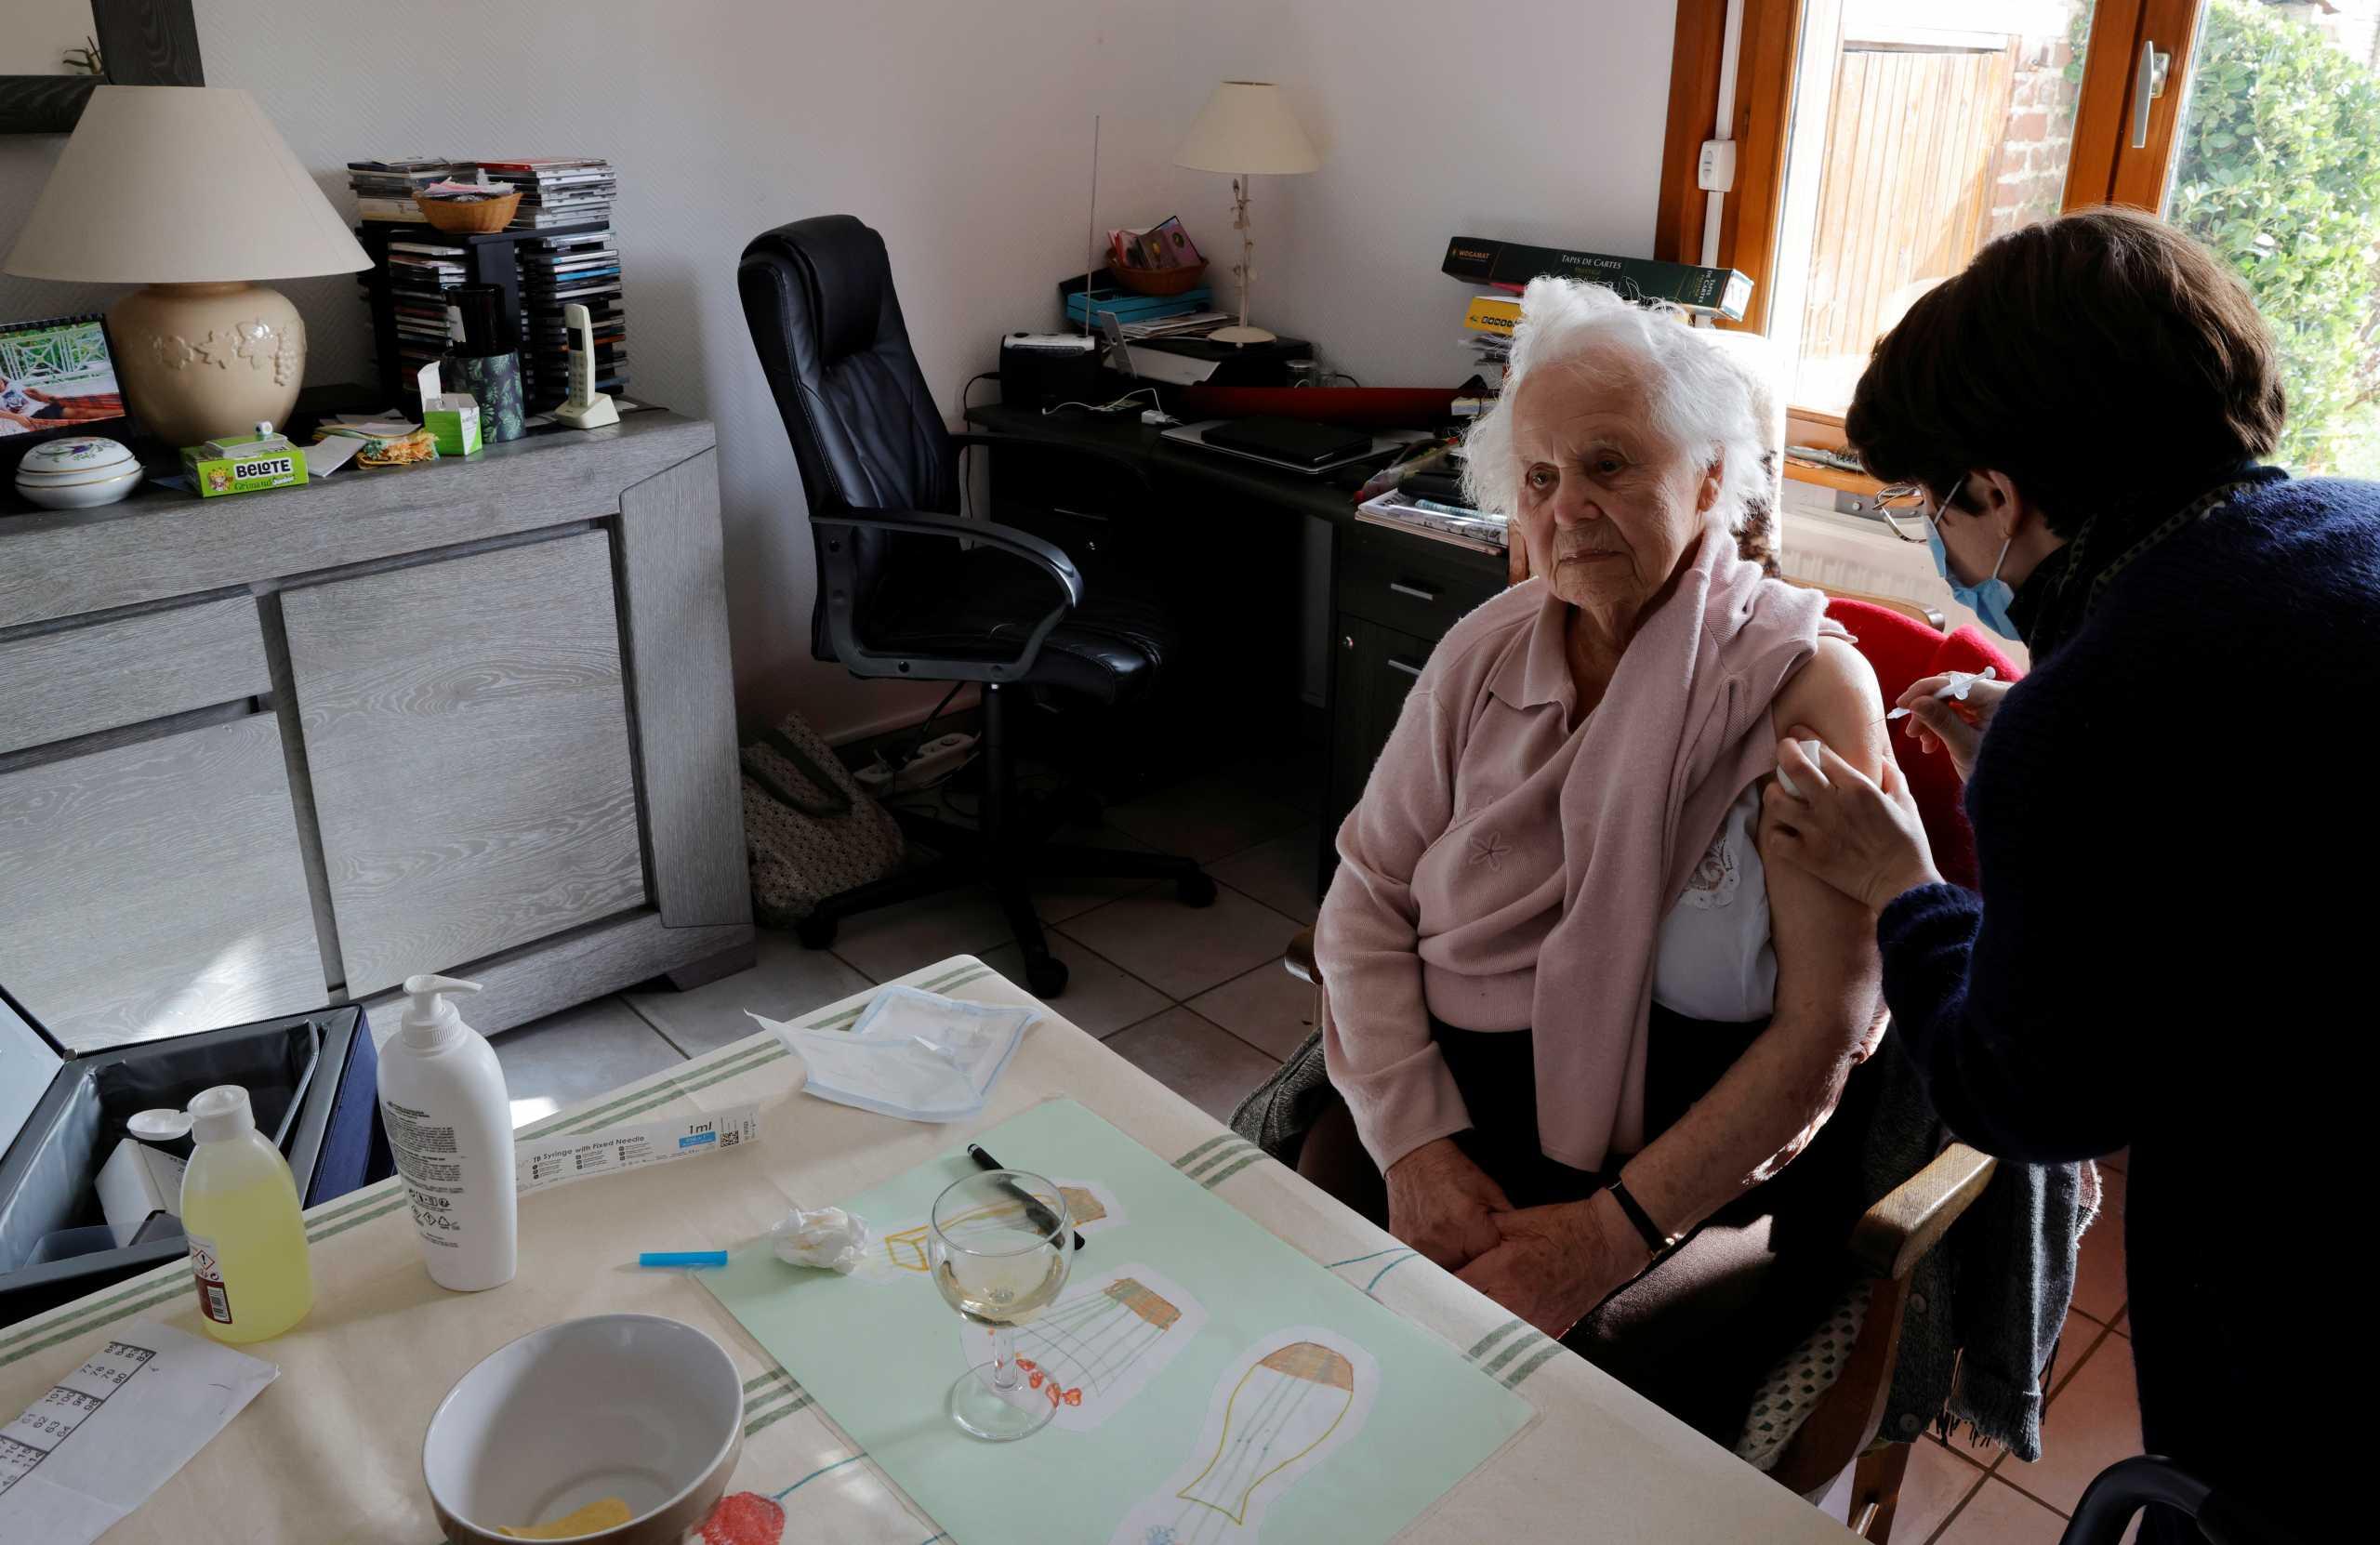 Γαλλία: Οι μισοί εργαζόμενοι στα γηροκομεία δεν εμπιστεύονται το εμβόλιο κατά του κορονοϊού